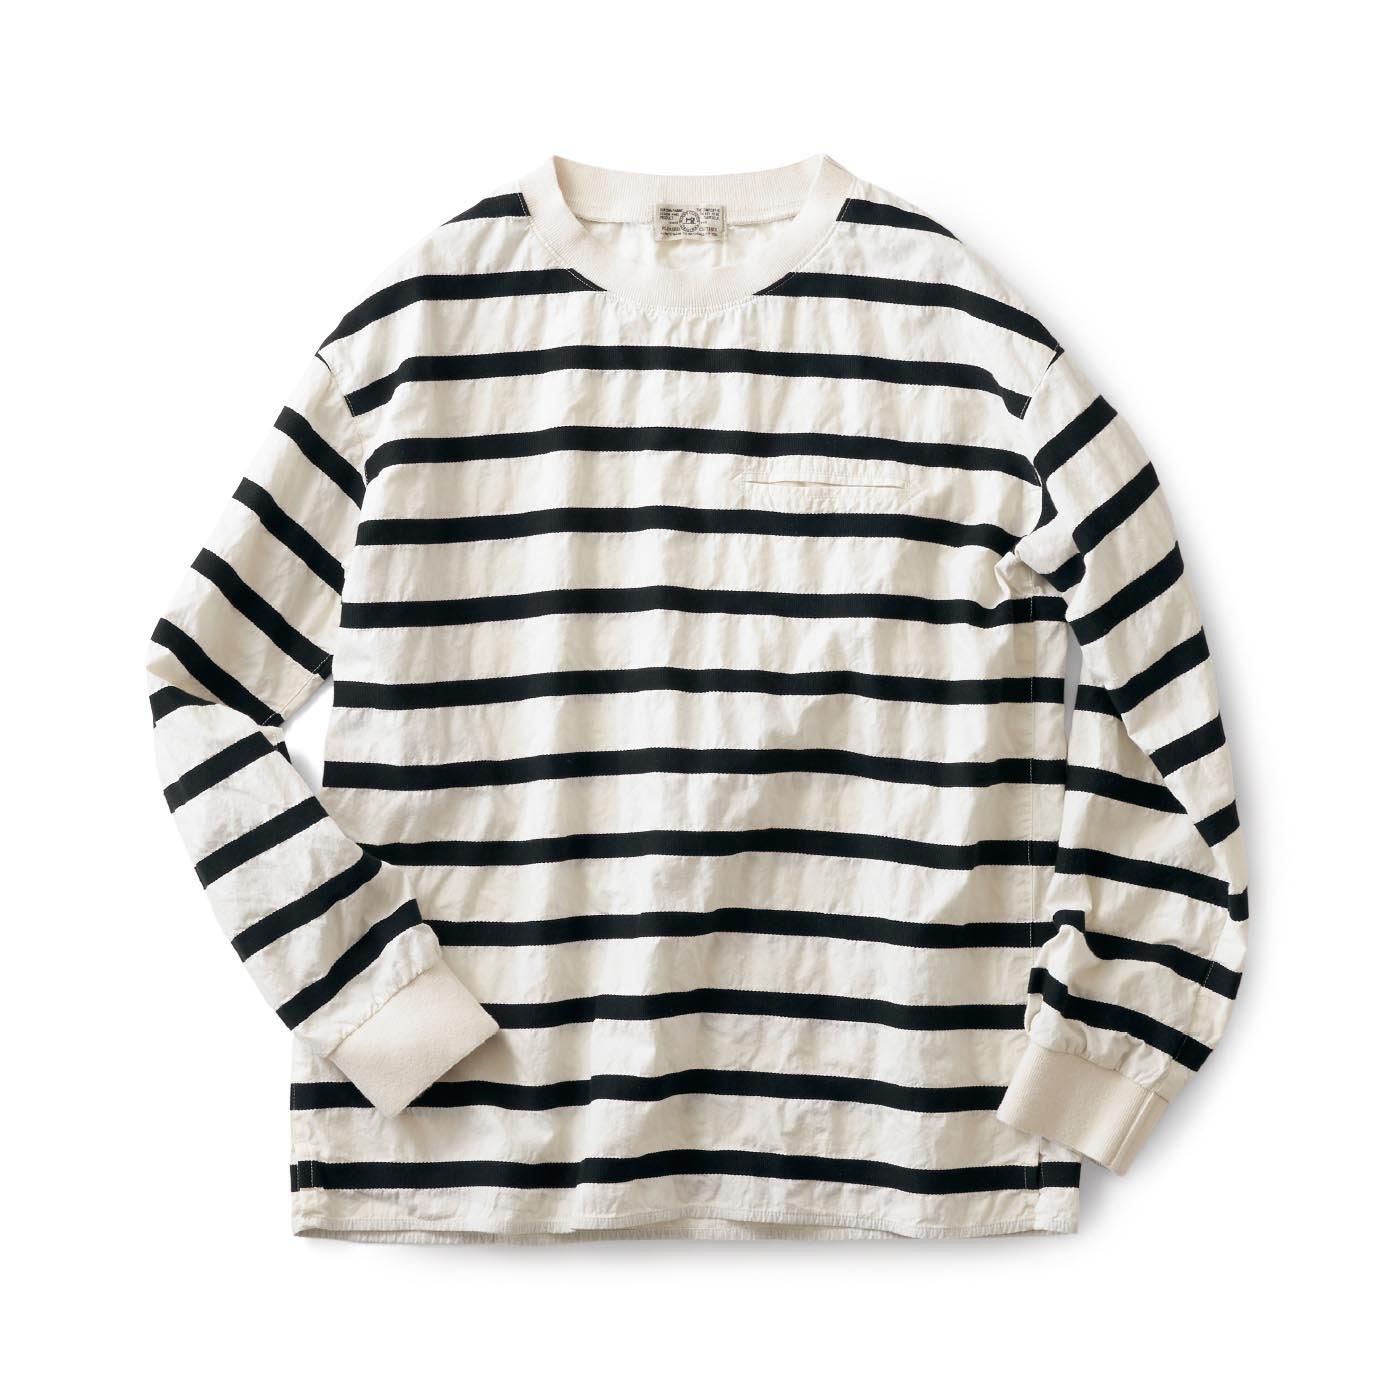 サニークラウズ 変わり織りボーダーTシャツ白